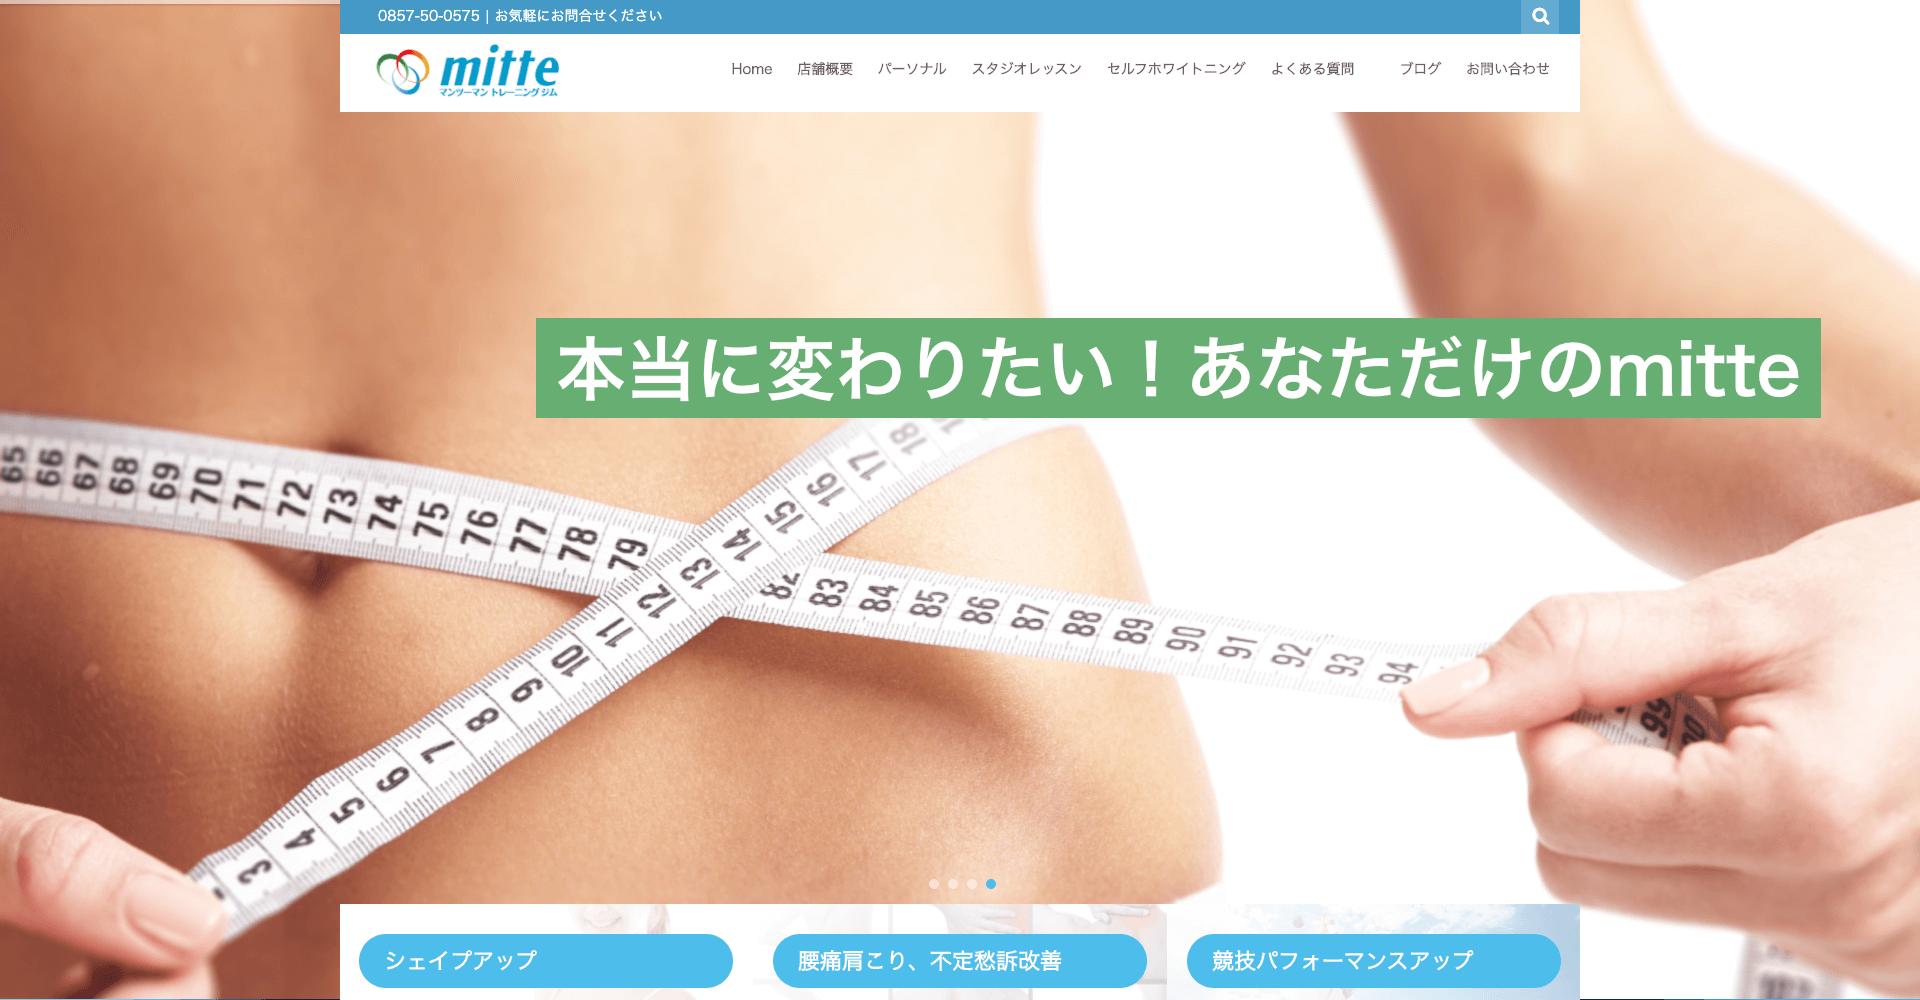 マンツーマン・トレーニングジム・ミッテ(mitte)